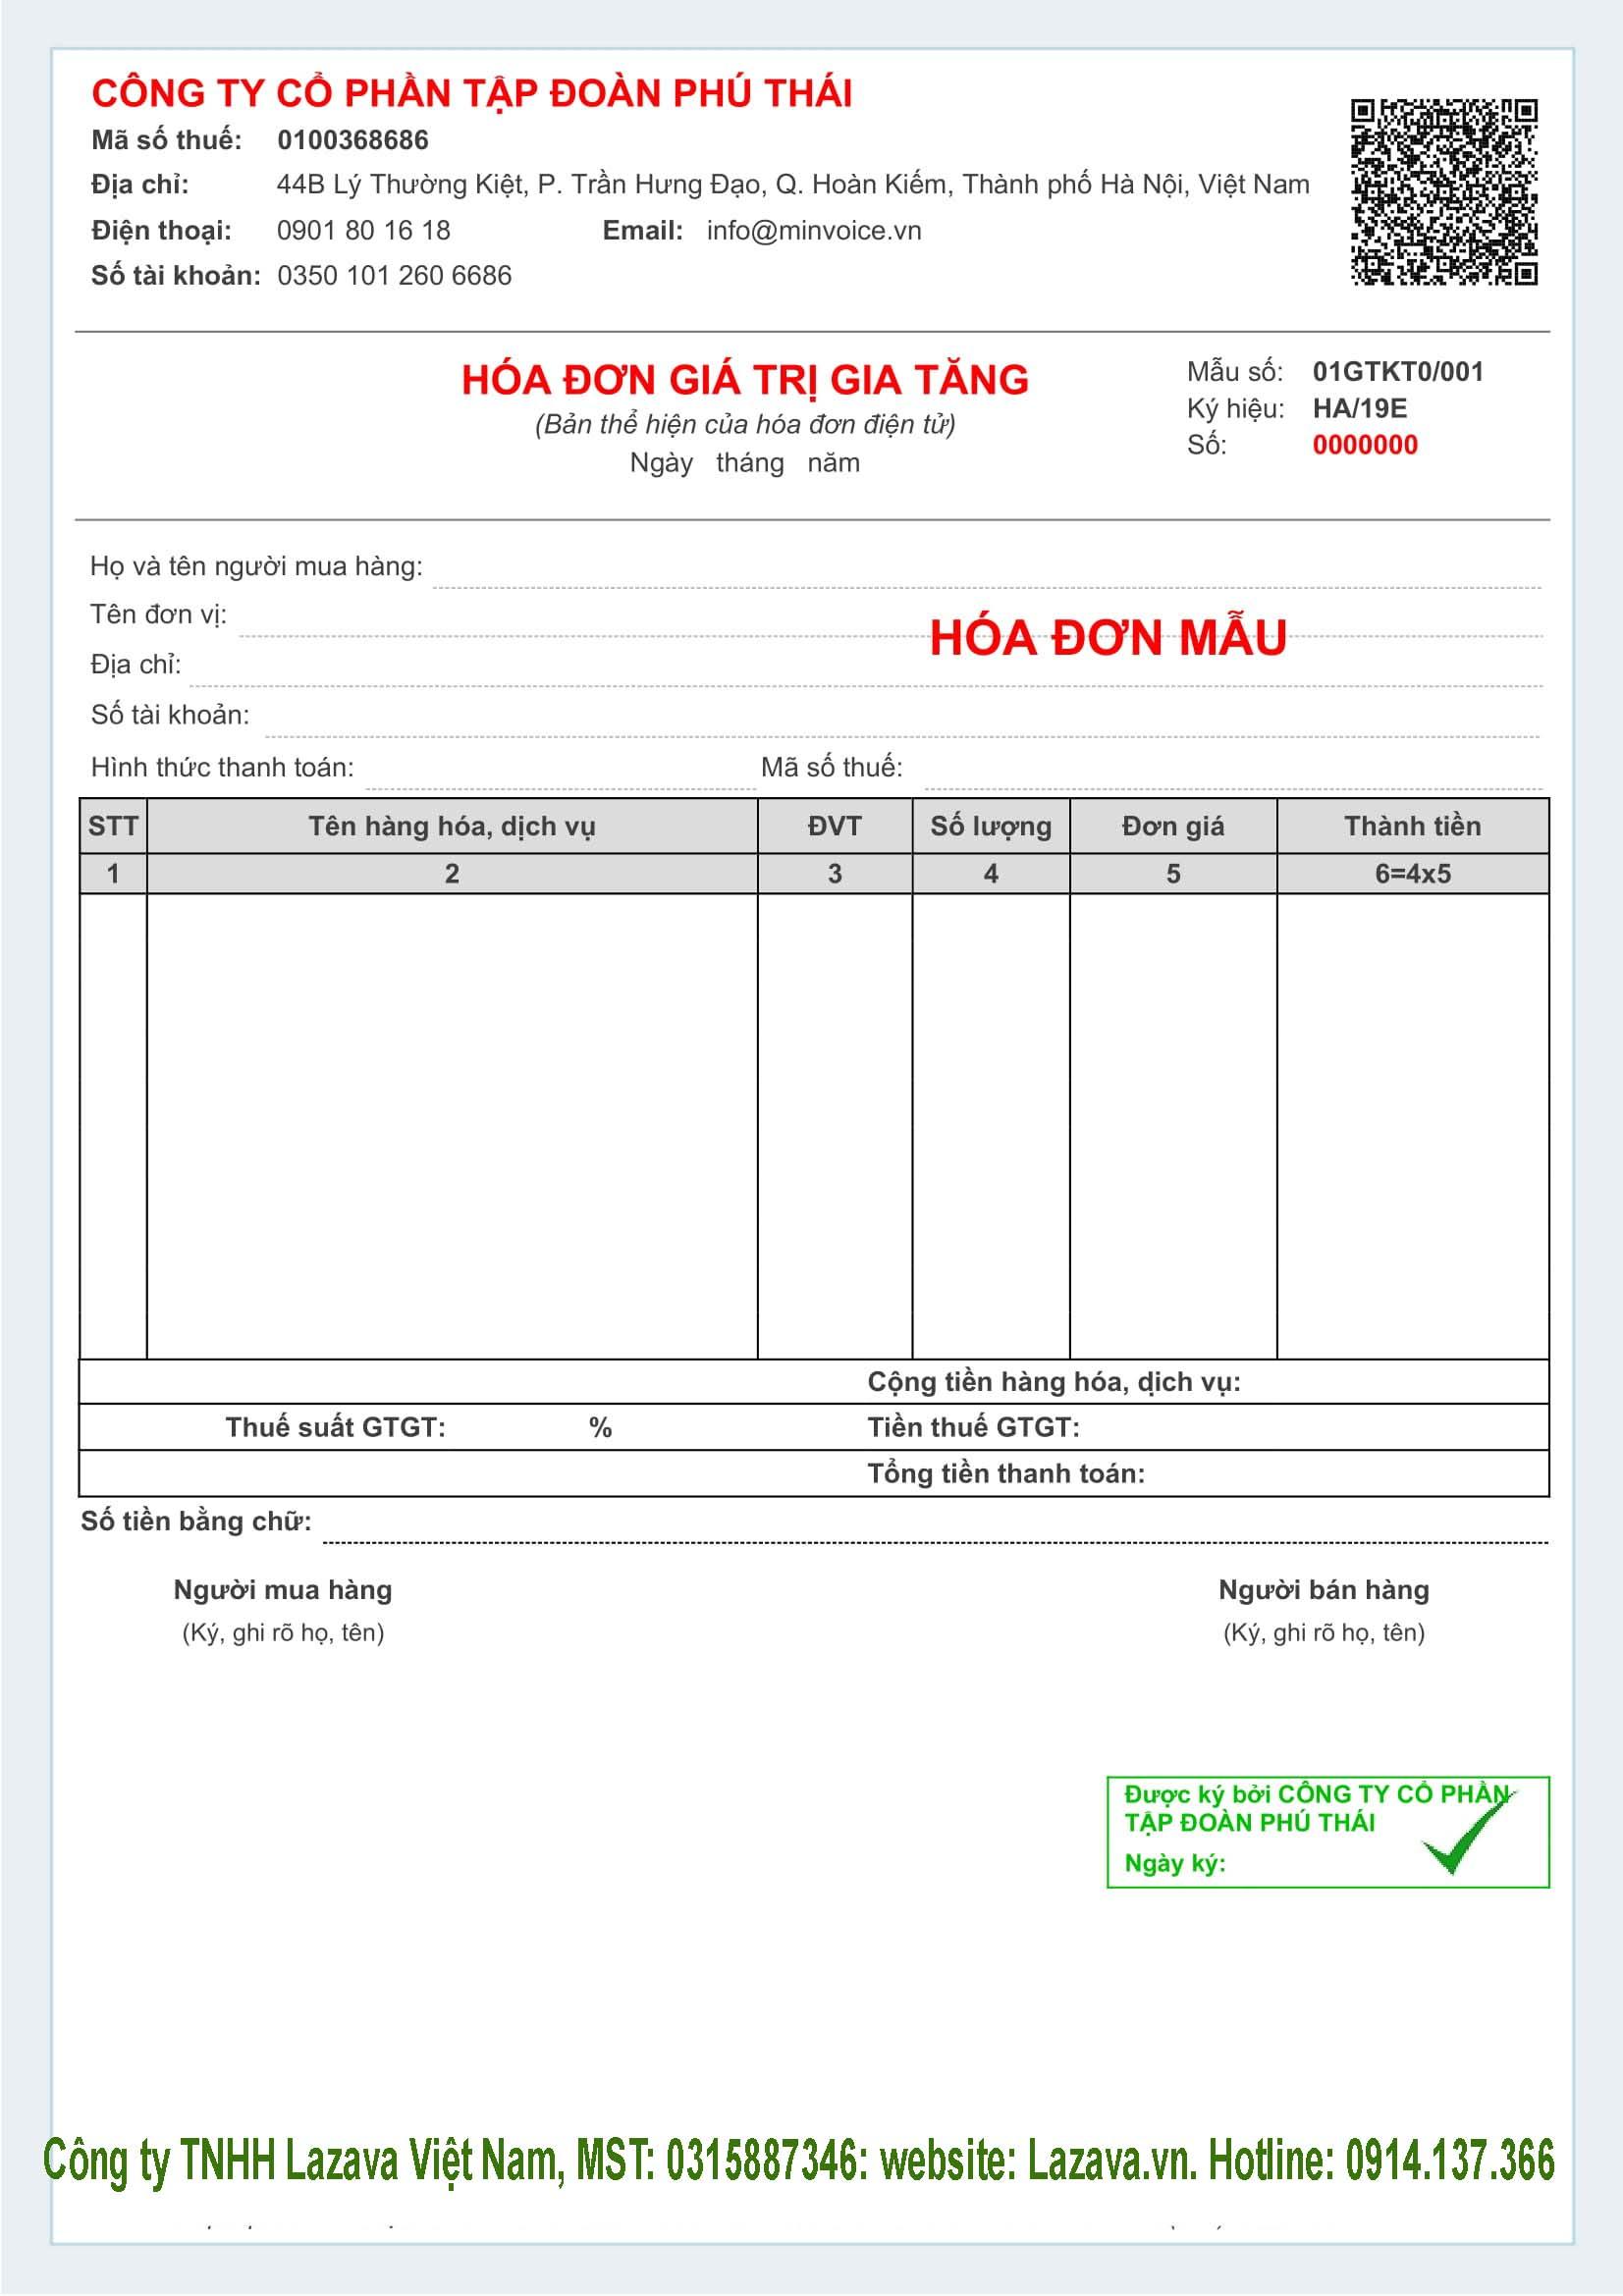 Mua hóa đơn điện tử Viettel ở Hà Nội